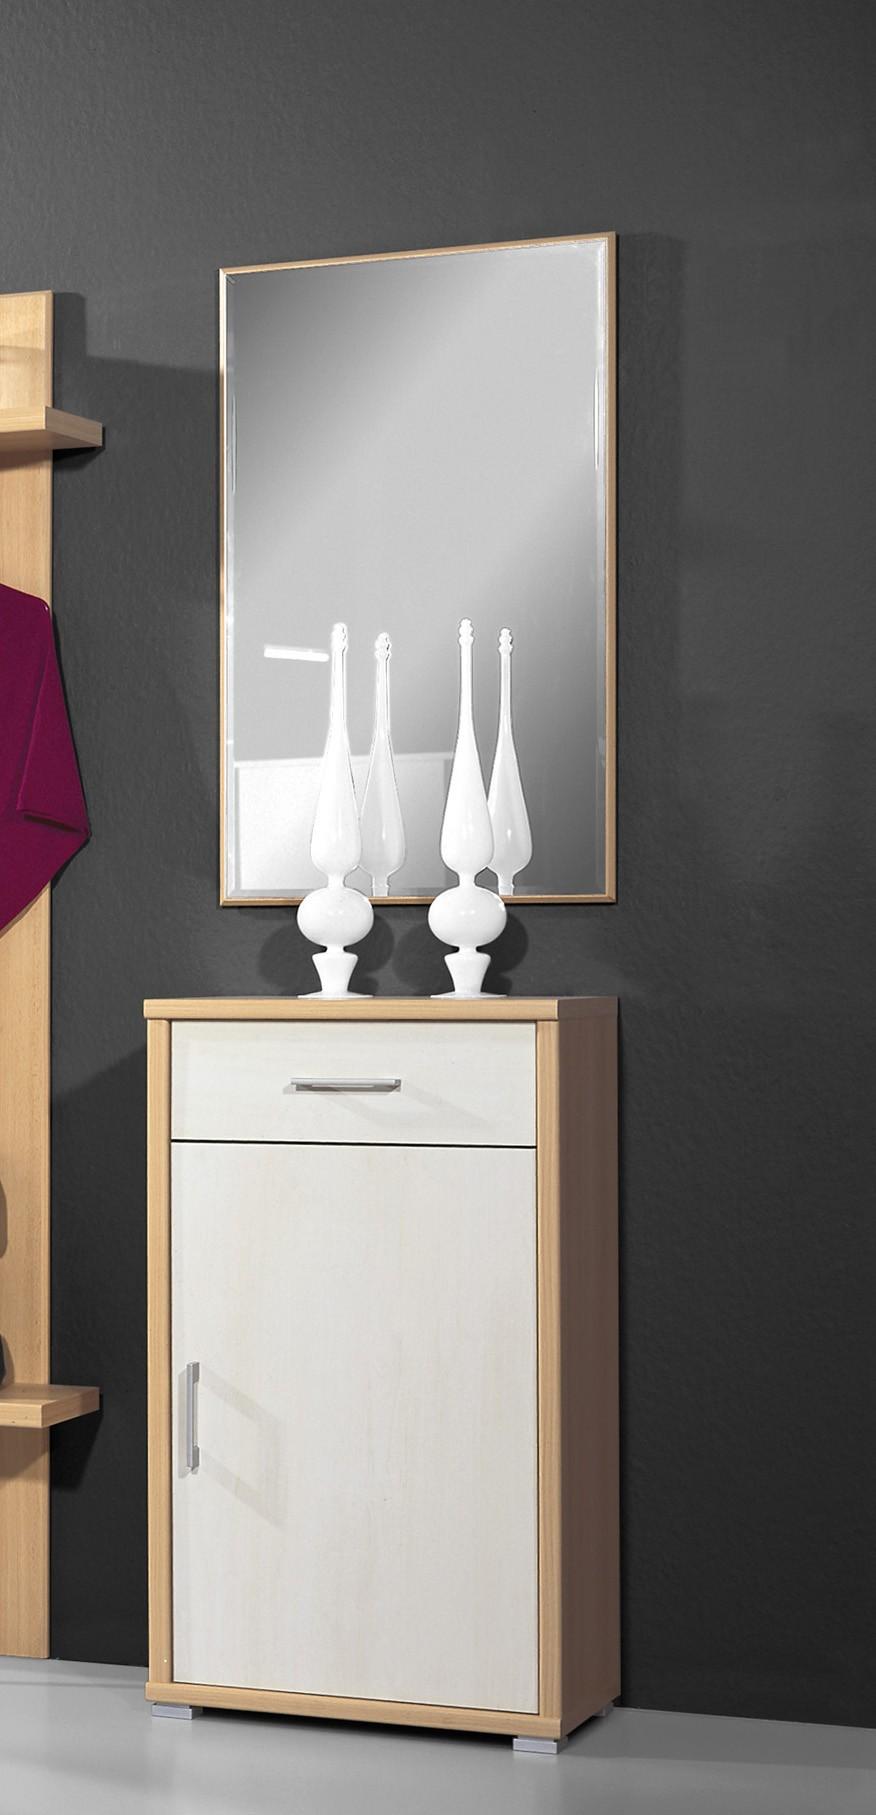 kommode mit spiegel ke870 buche birke h c m bel. Black Bedroom Furniture Sets. Home Design Ideas